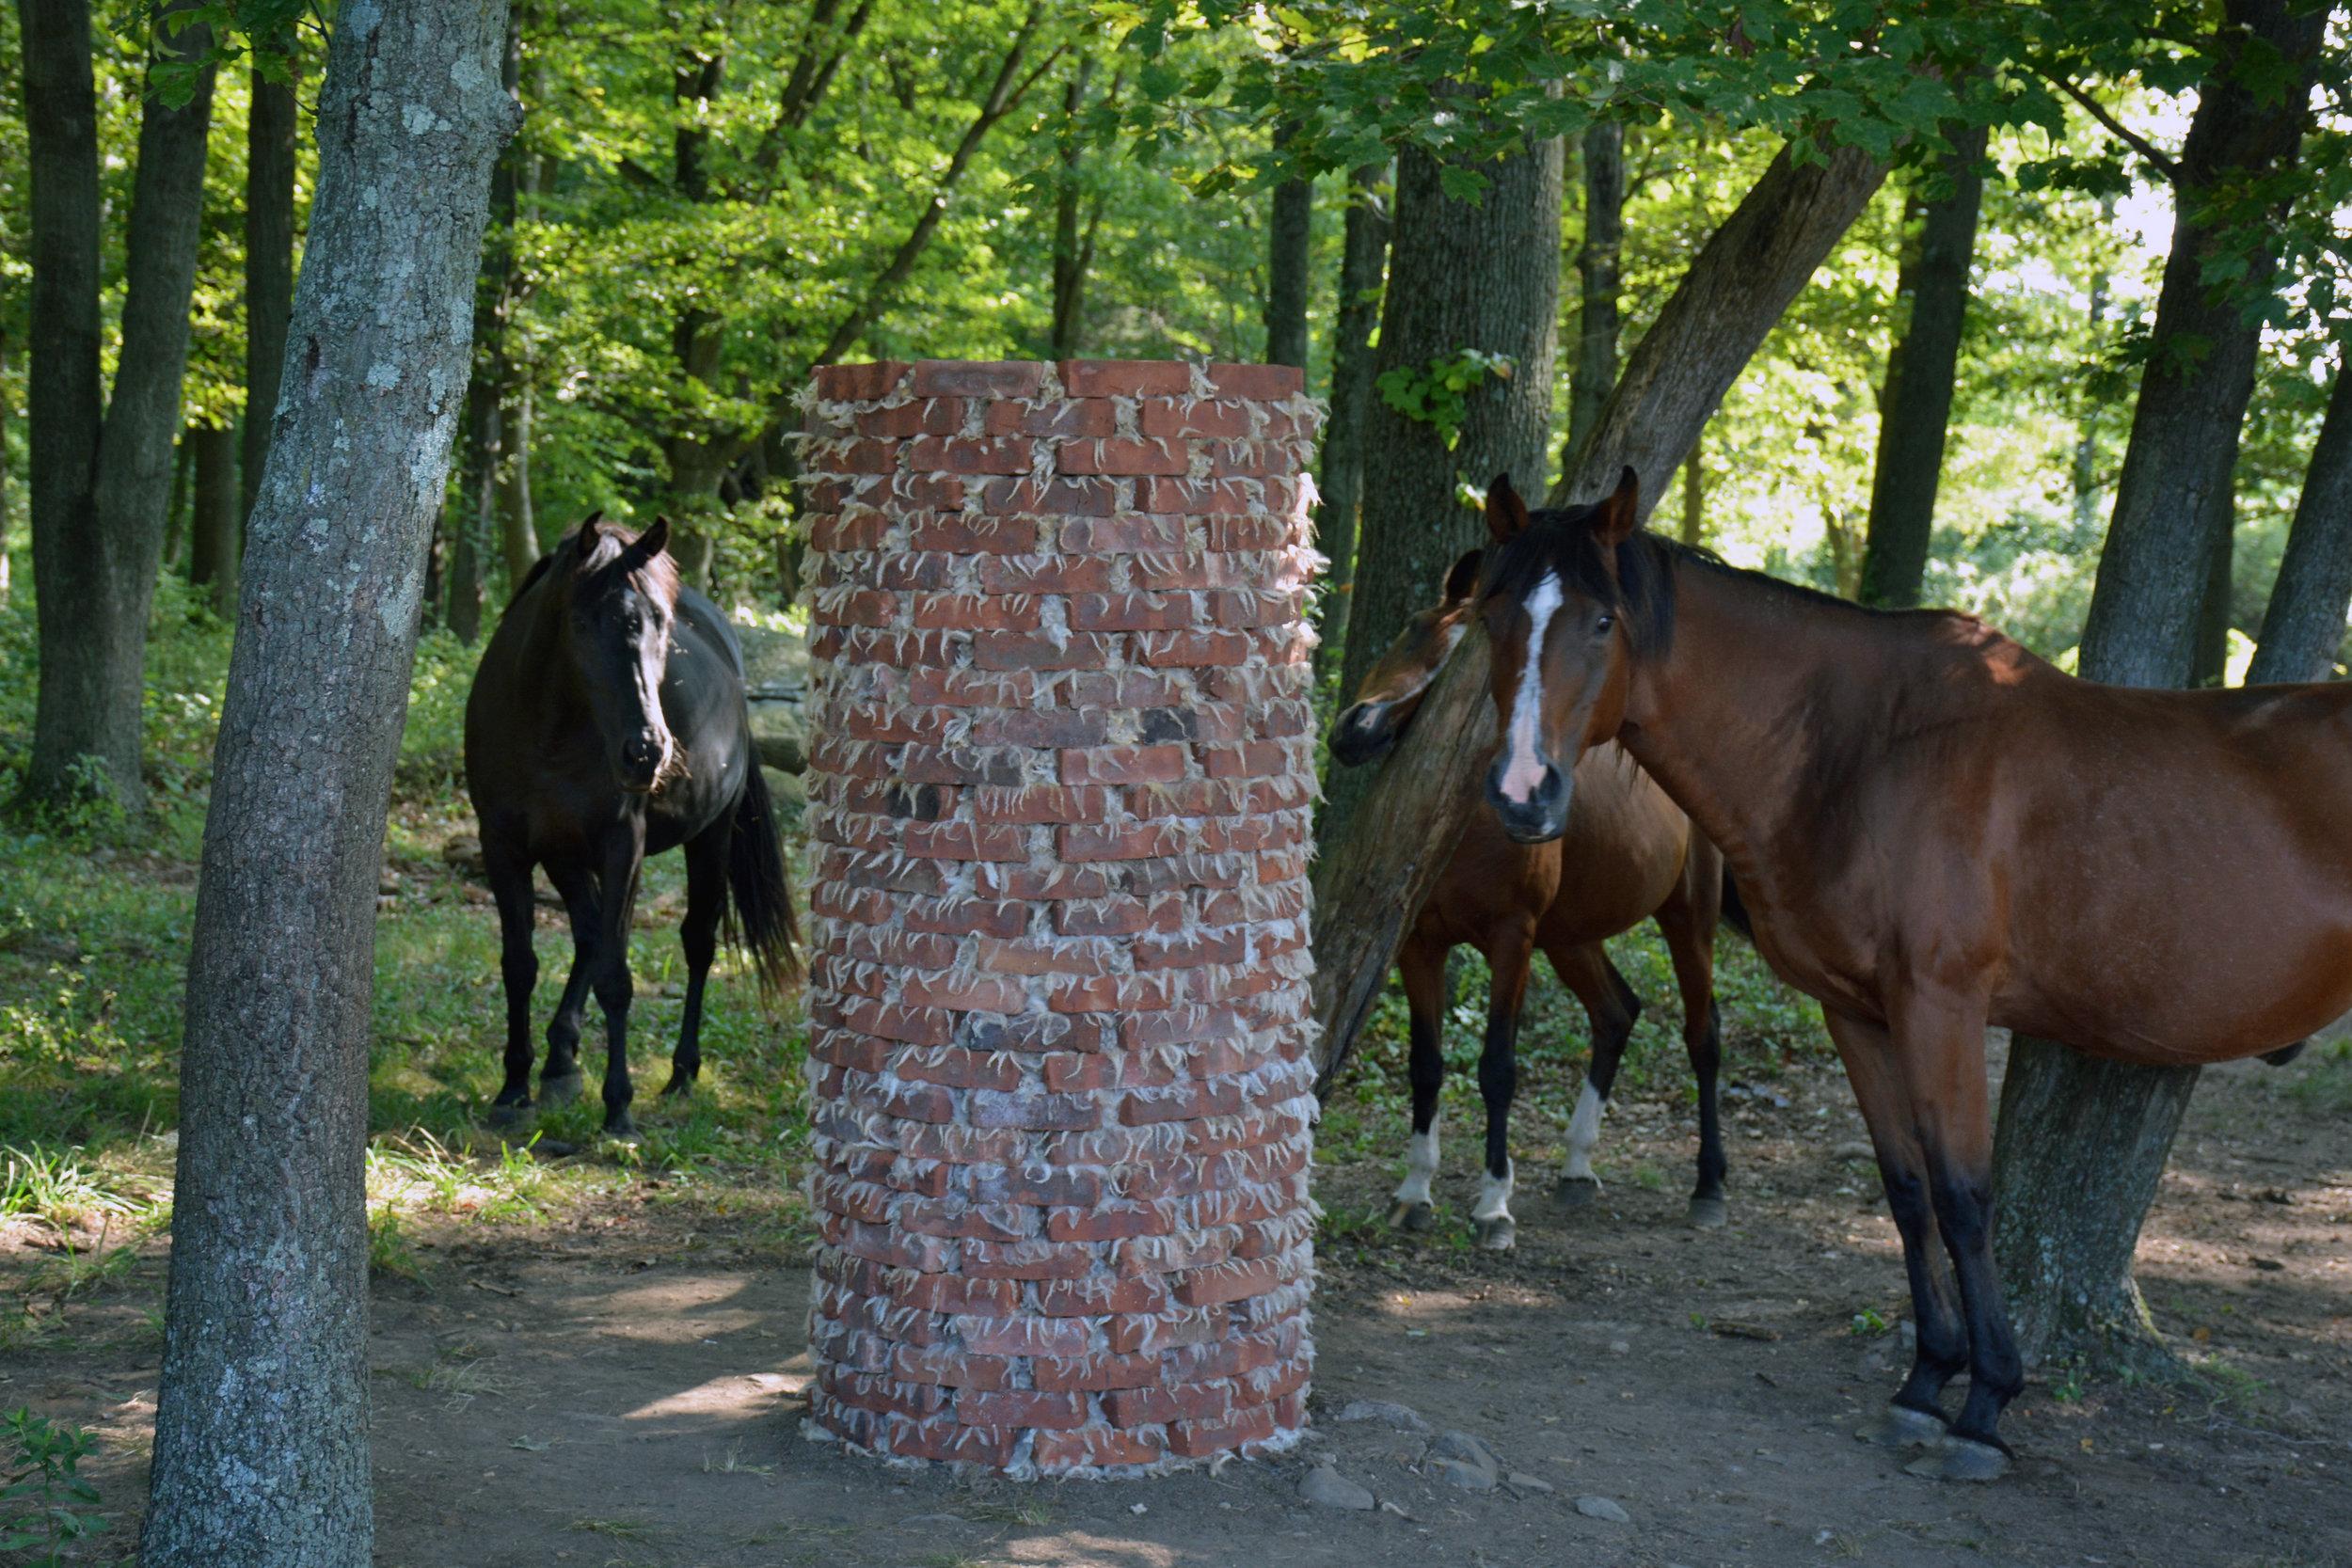 31_brick_3_horses.jpg